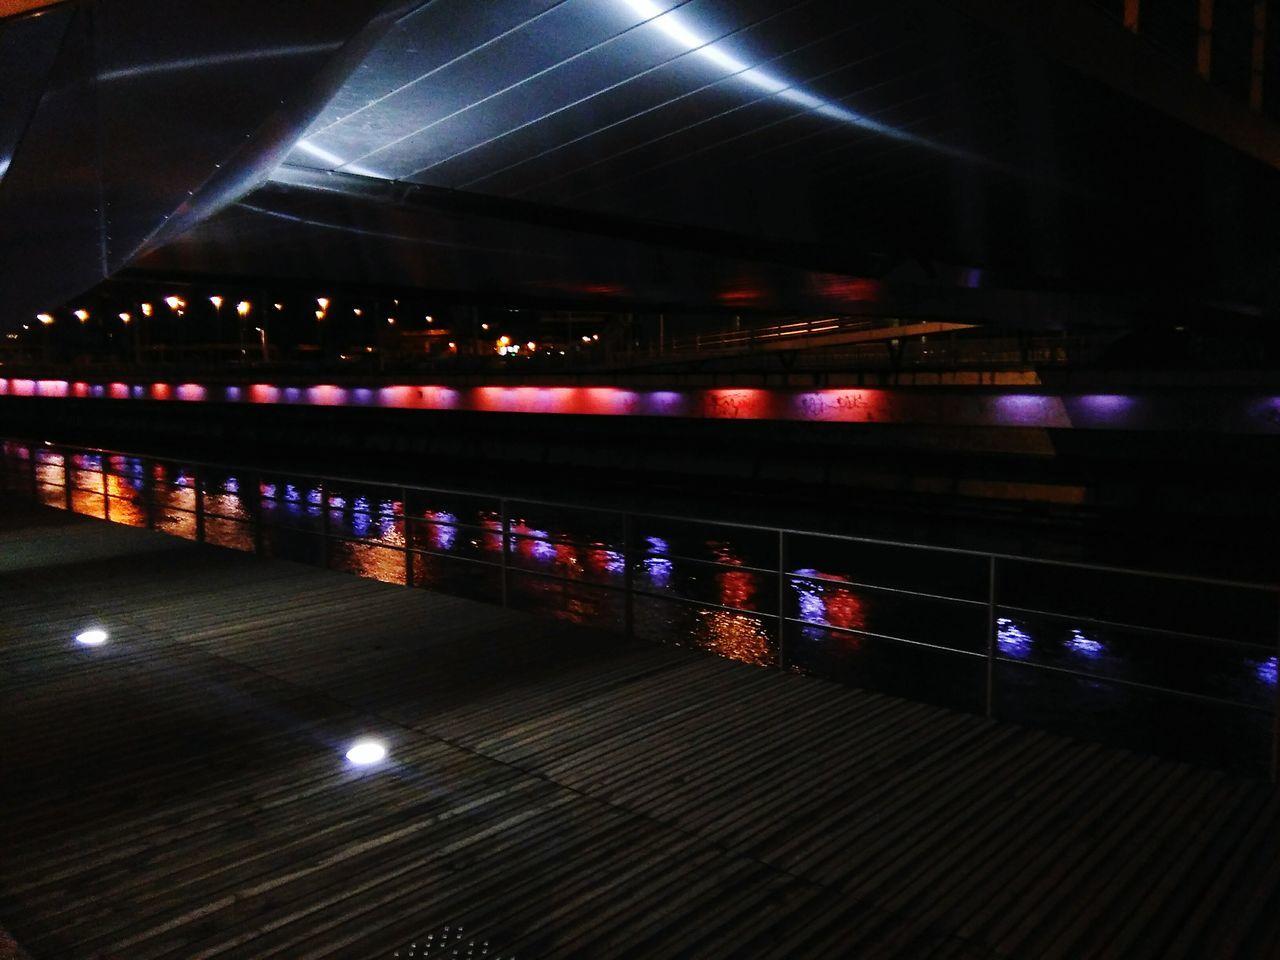 The Week On EyeEm New Project Phoenix Architecture View January 2016 Charleroi, Belgium SHAKURNTM Night Lights Nightphotography